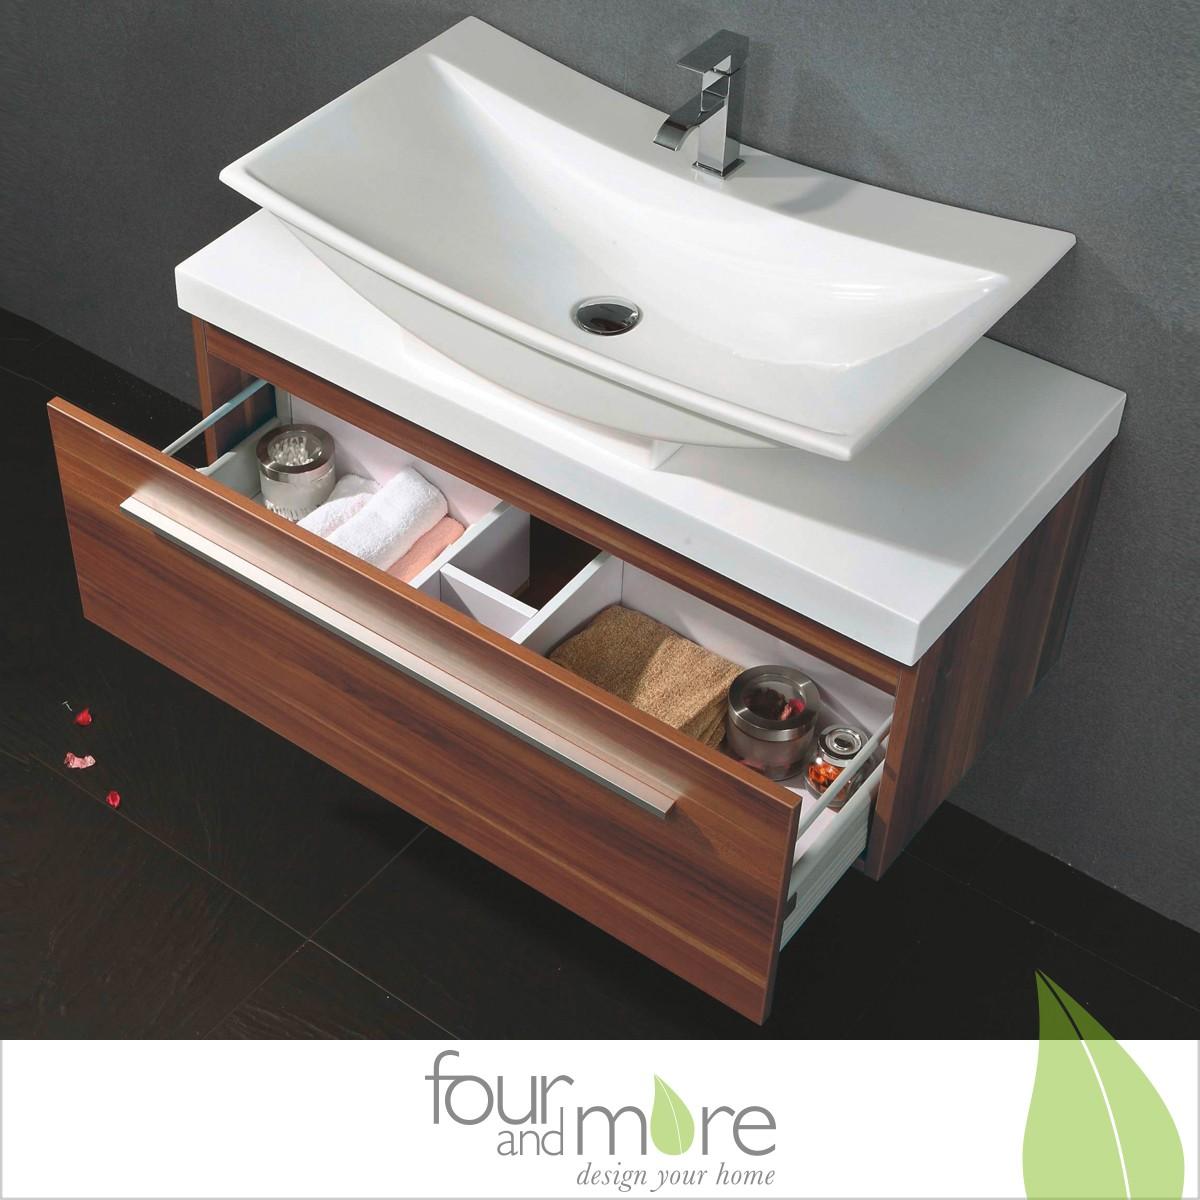 waschtisch set amsterdam 100 cm breit c020 ebay. Black Bedroom Furniture Sets. Home Design Ideas